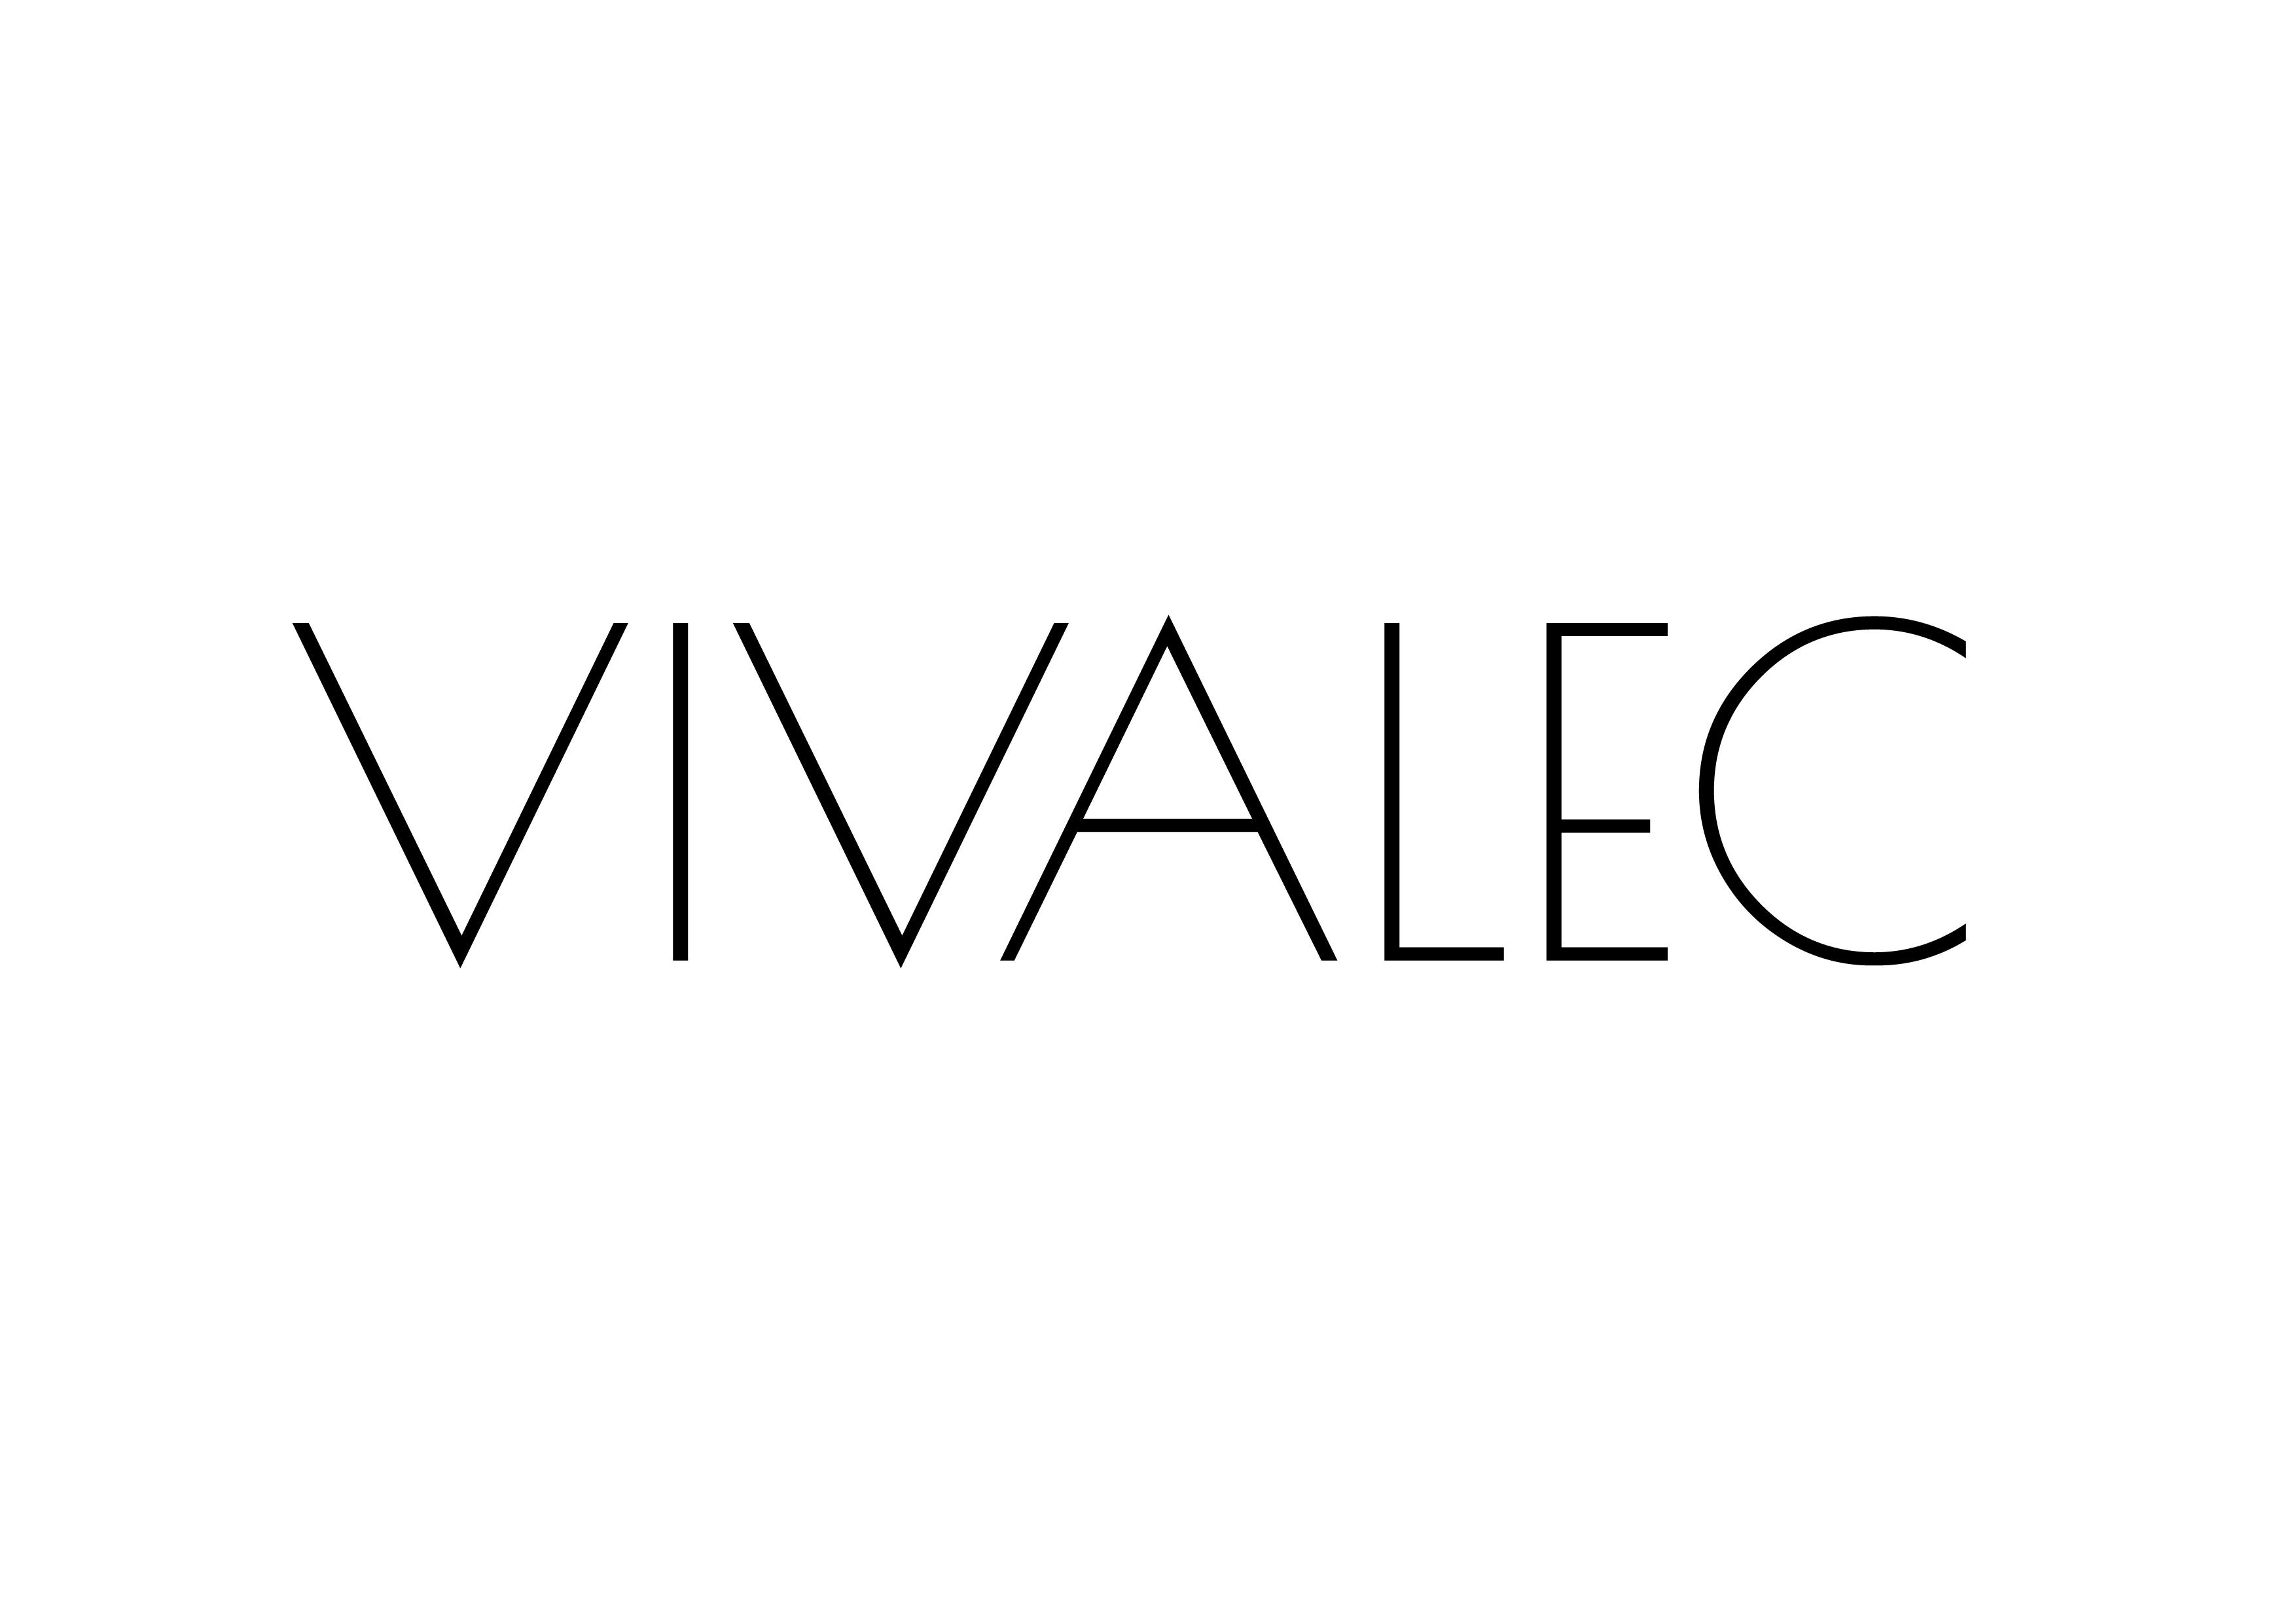 Vivalec Sdn Bhd (200701021789 / 779804-P)